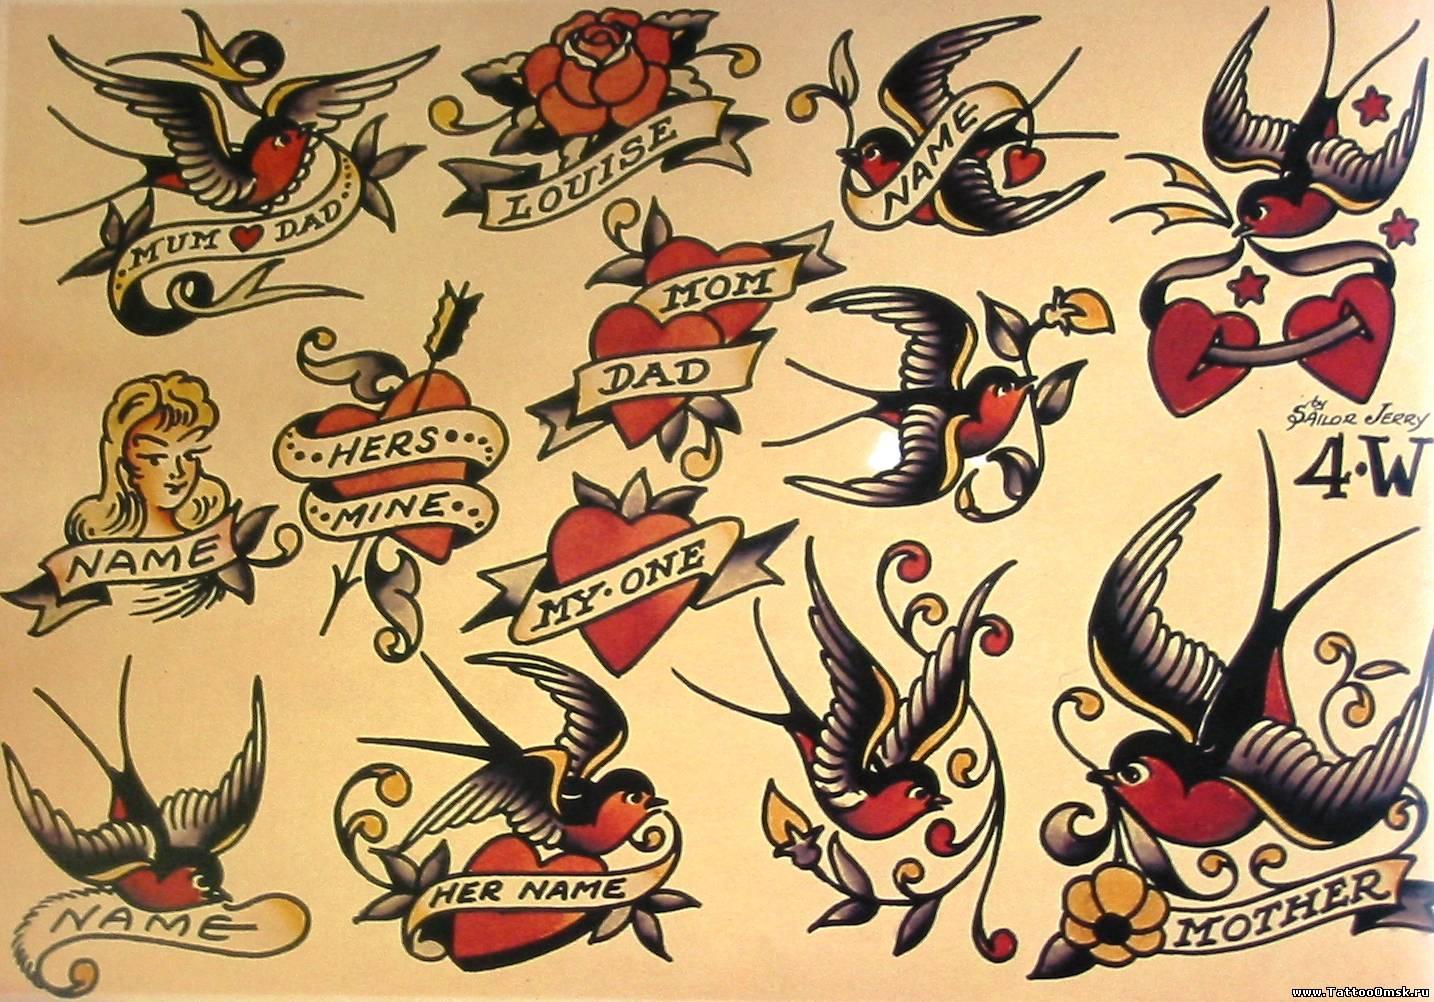 Sailor Jerry - Галерея - Татуировка в Омске, Сделать ... - photo#8